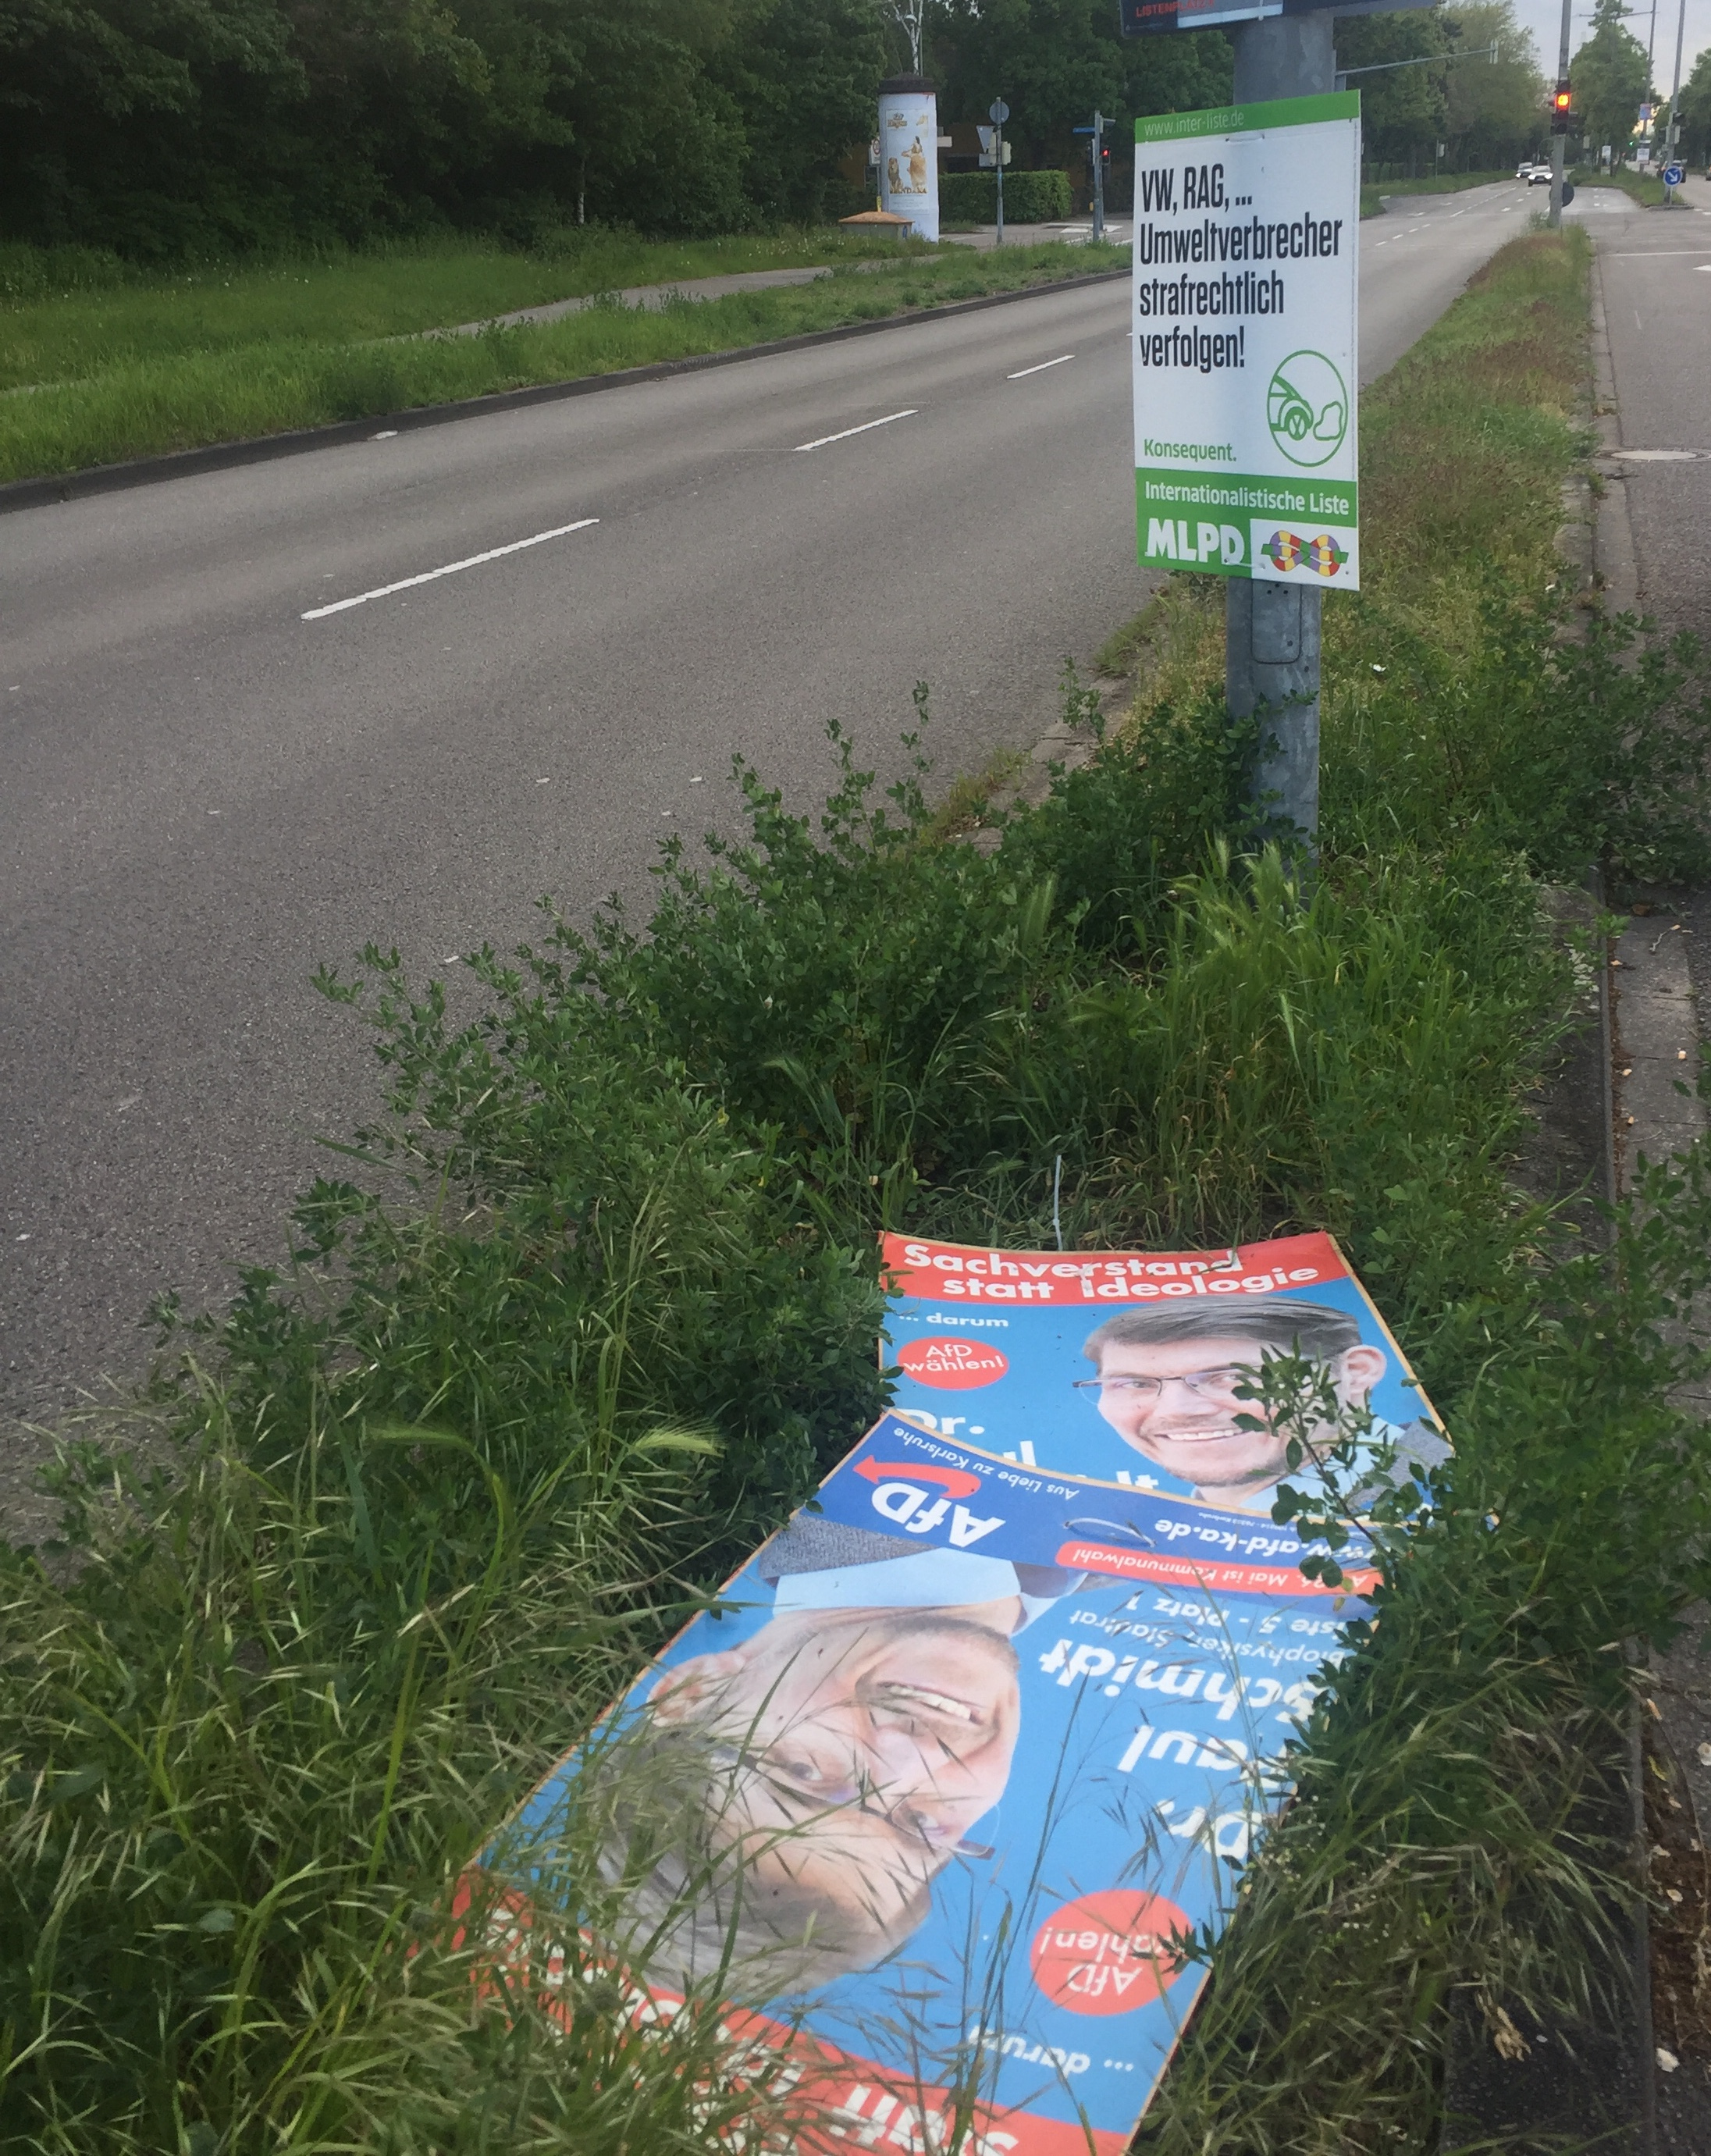 Zerstörte Wahlplakate der AfD in Karlsruhe